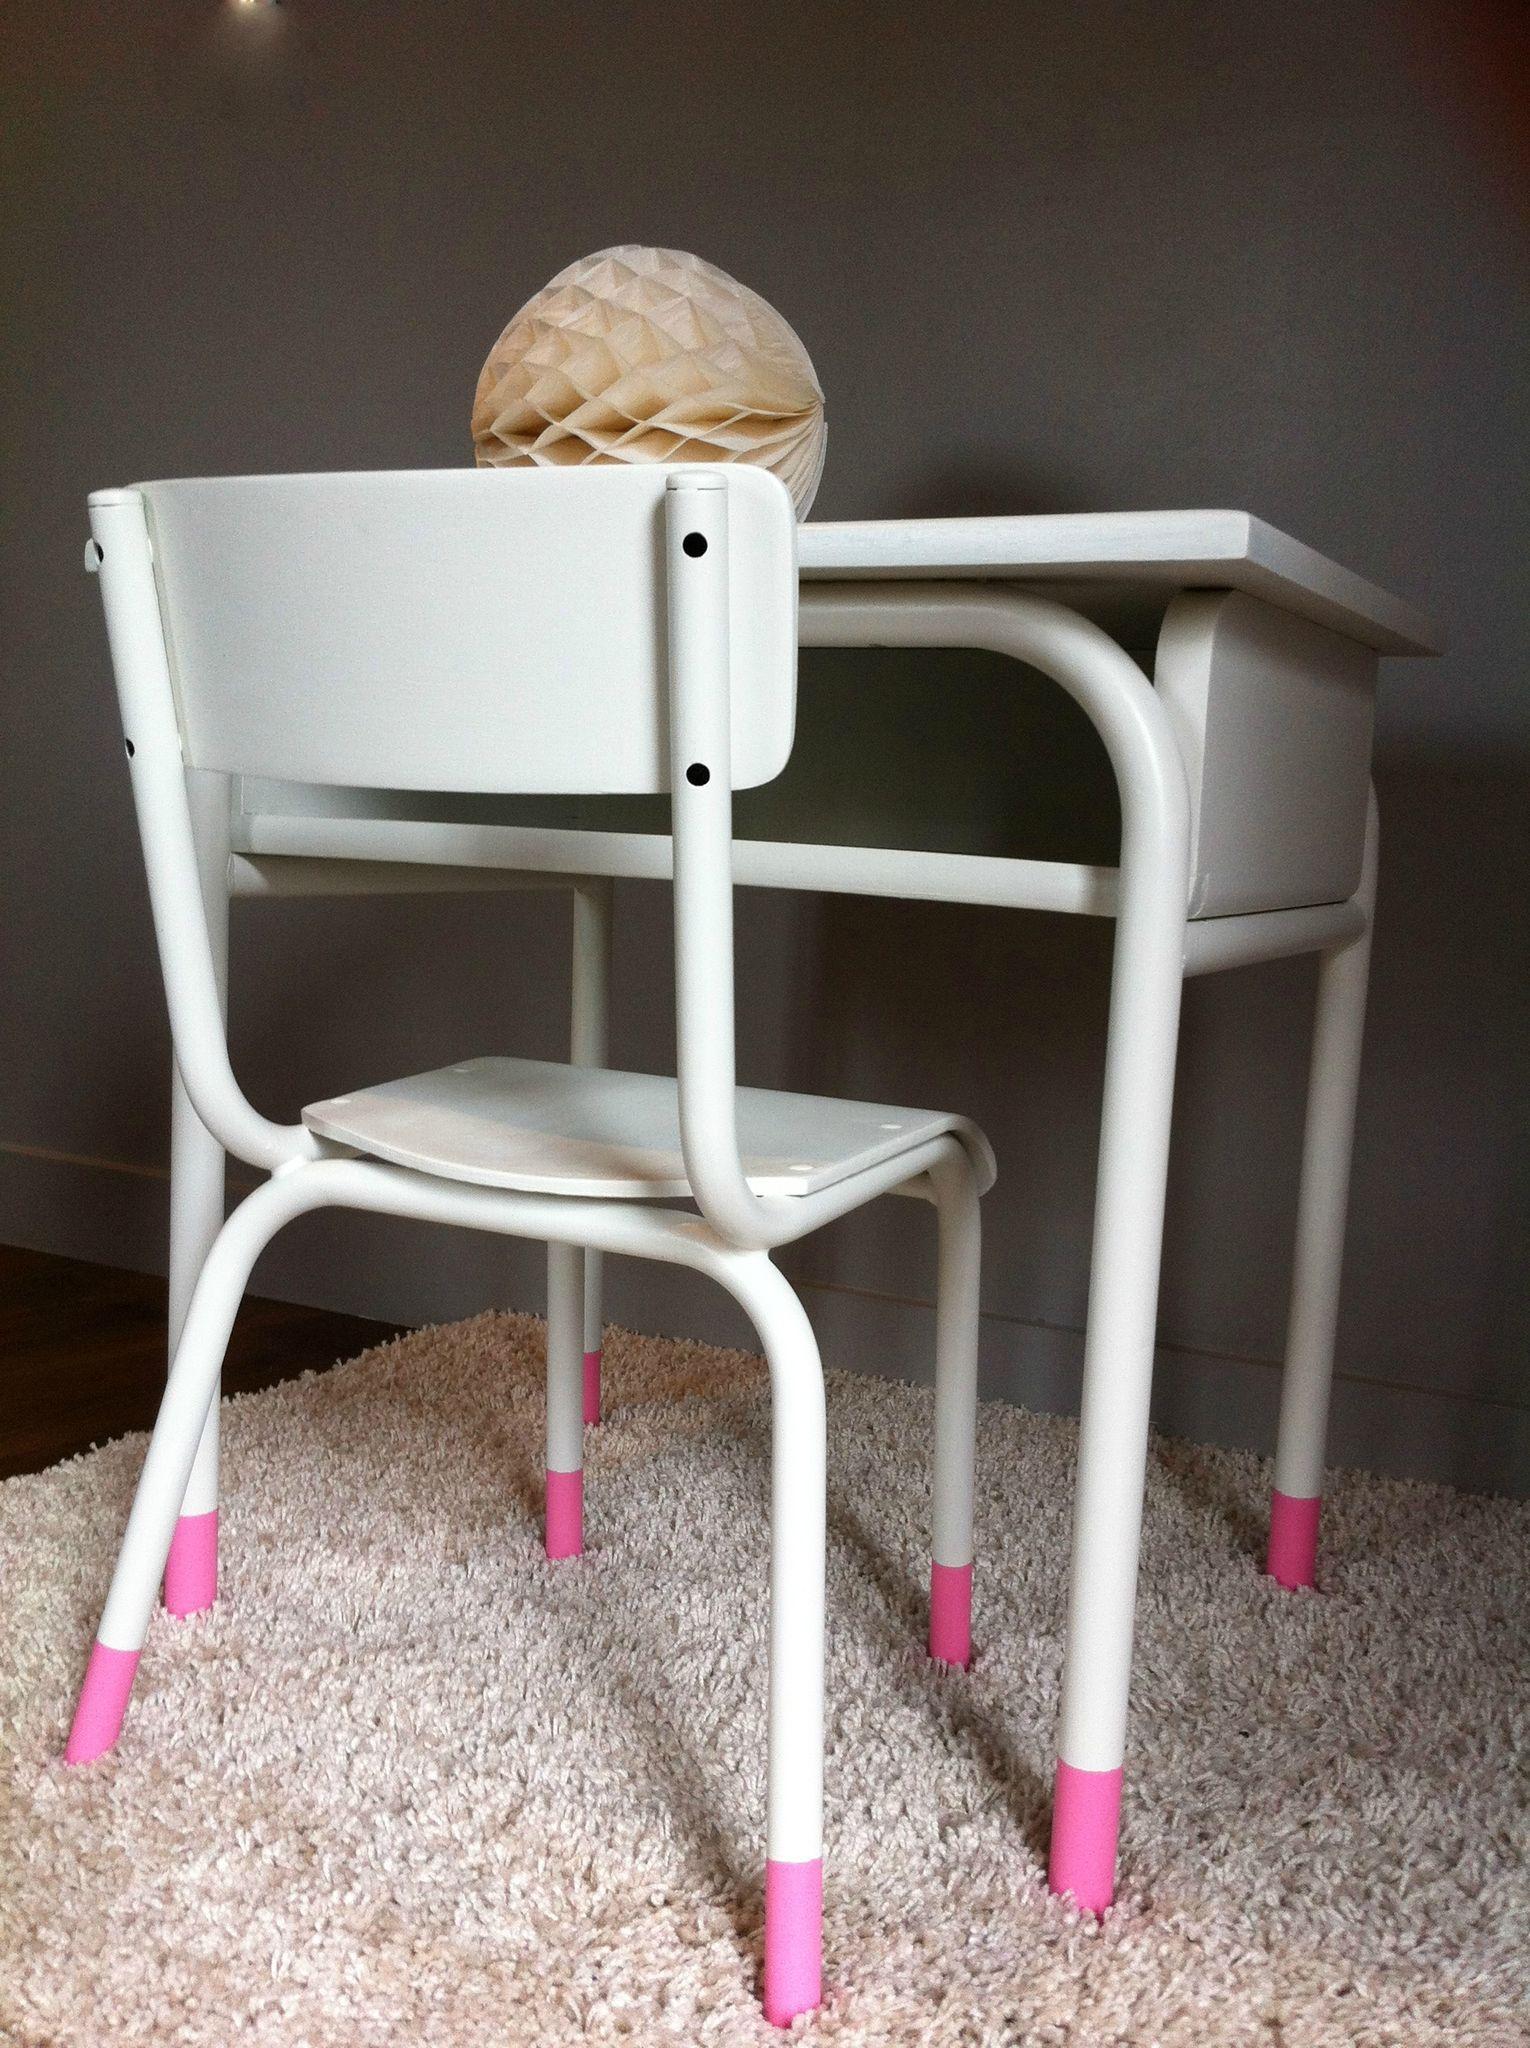 Bureau Et Petite Chaise Enfant Vintage Des Idees Douces Petite Chaise Enfant Chaise Enfant Table Et Chaise Enfant